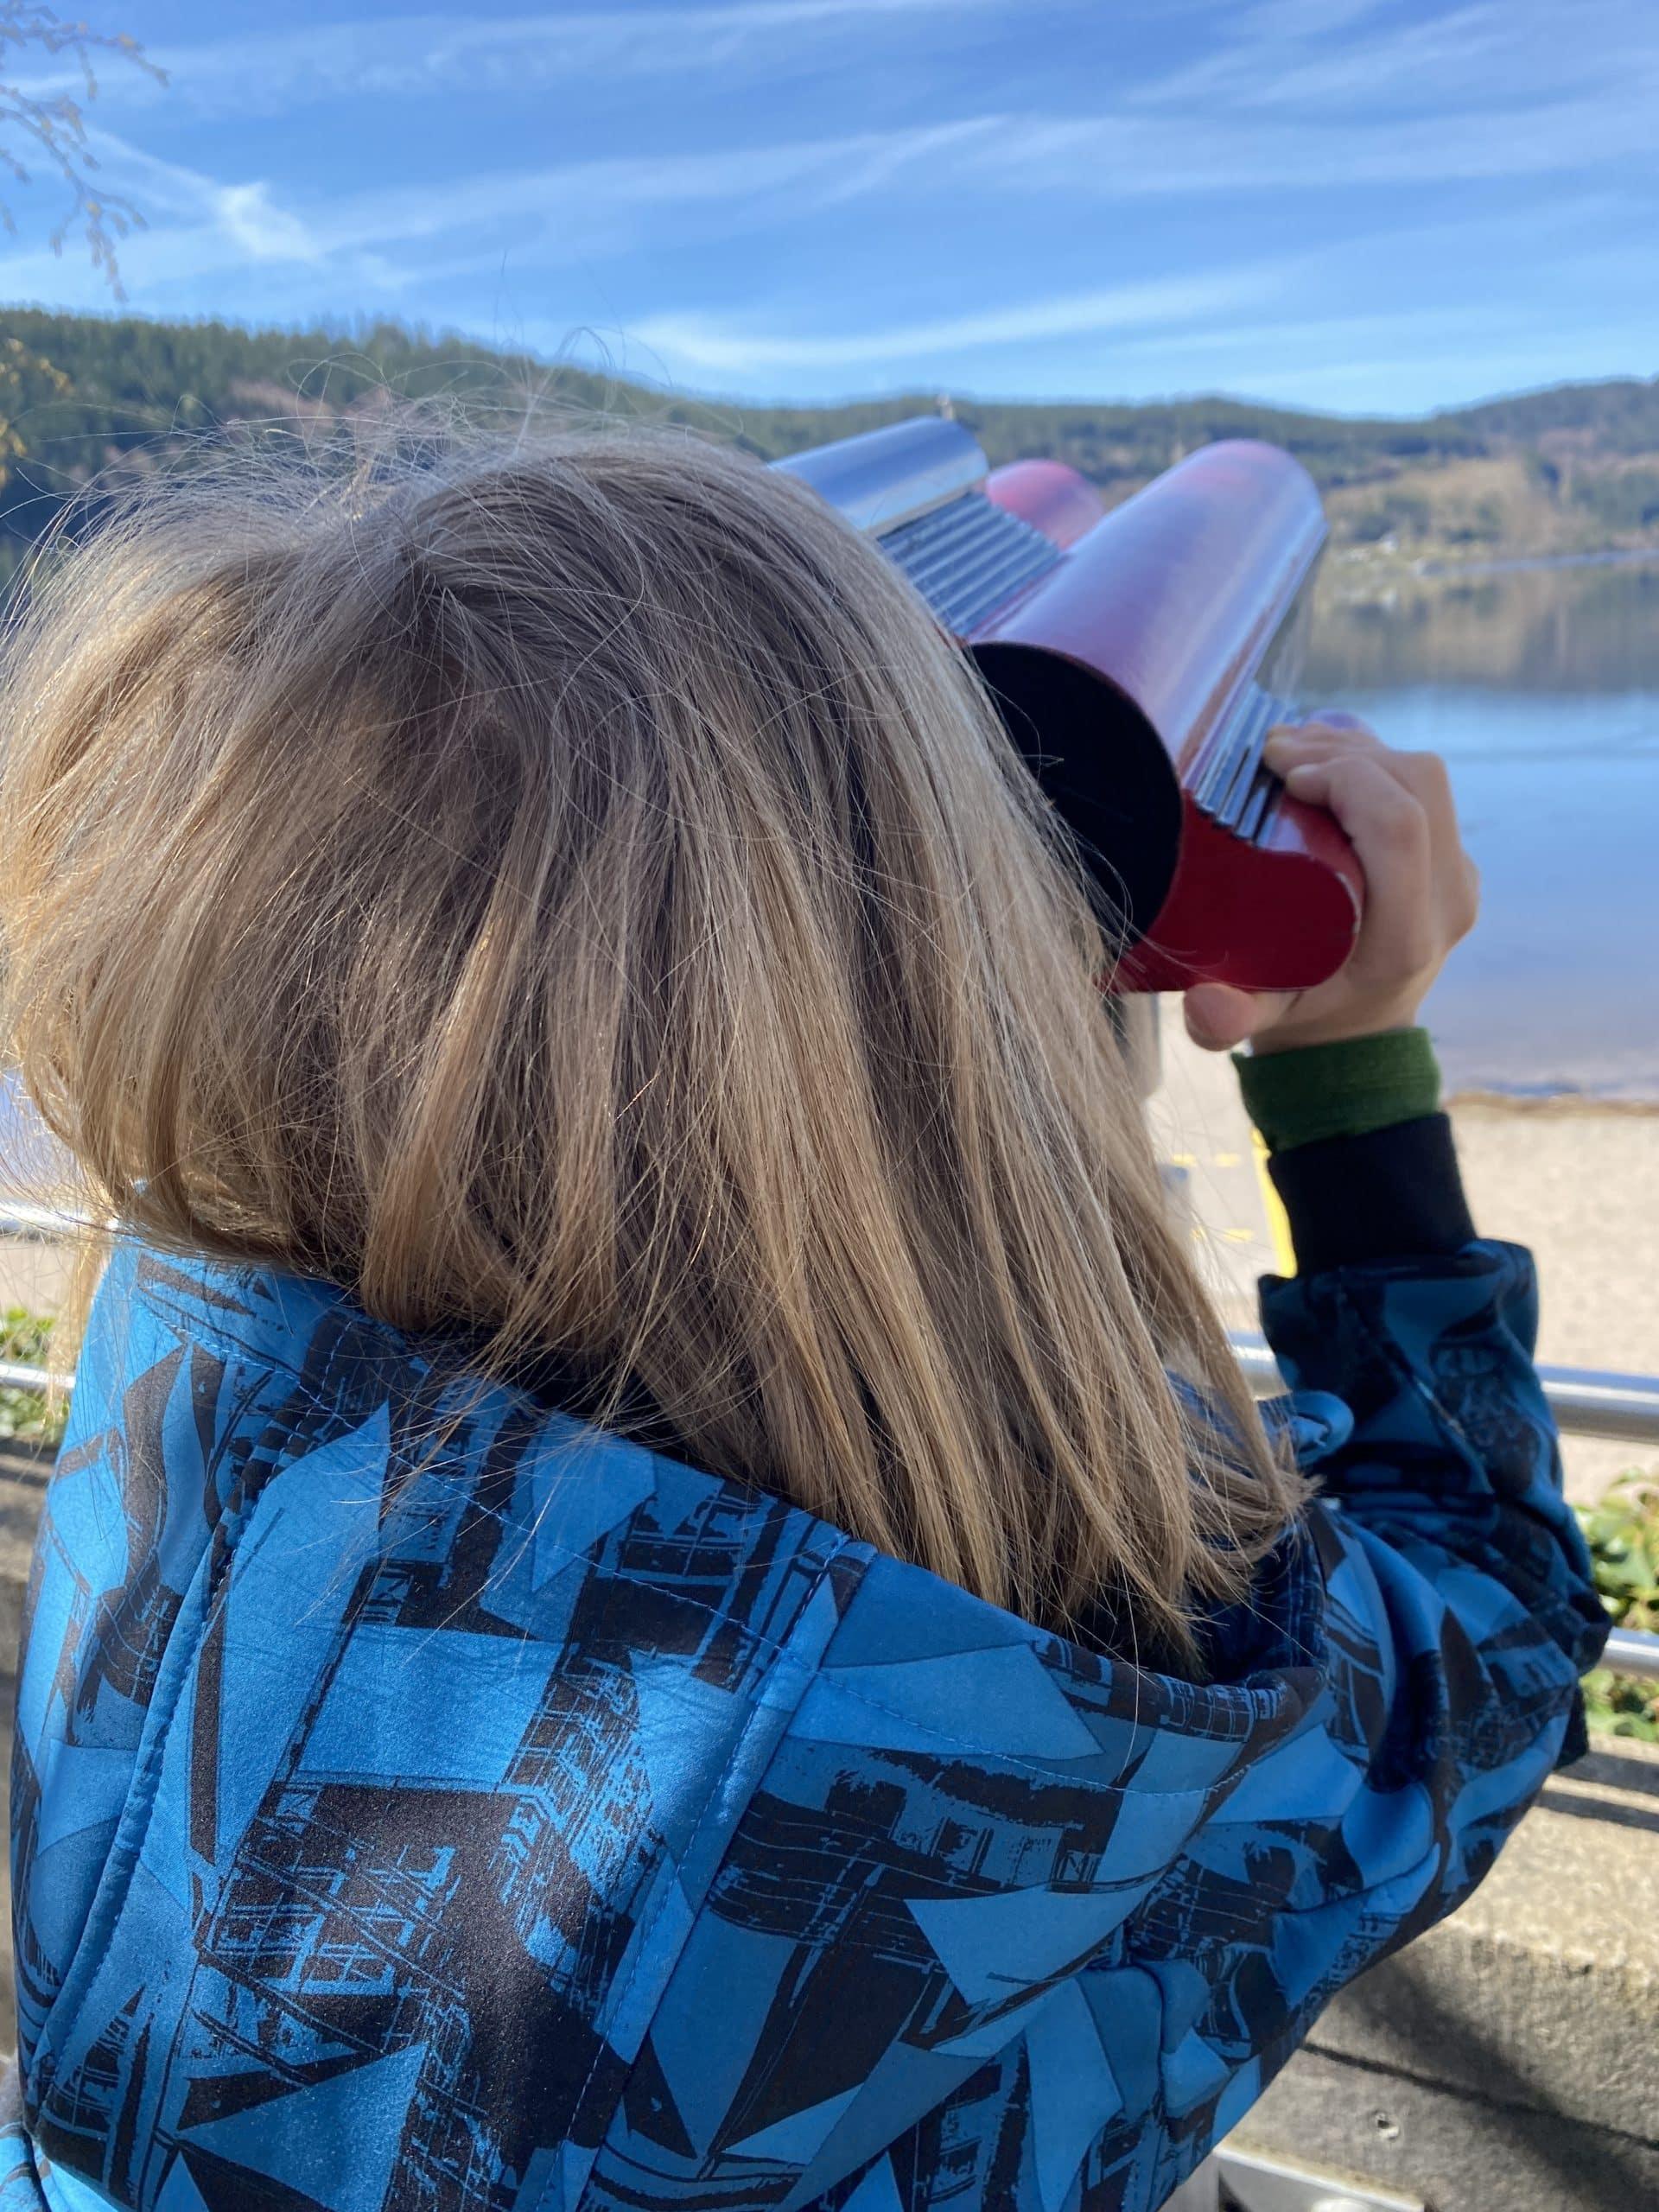 Kinderreha im Schwarzwald - das Wochenende in Bildern - grossekoepfe